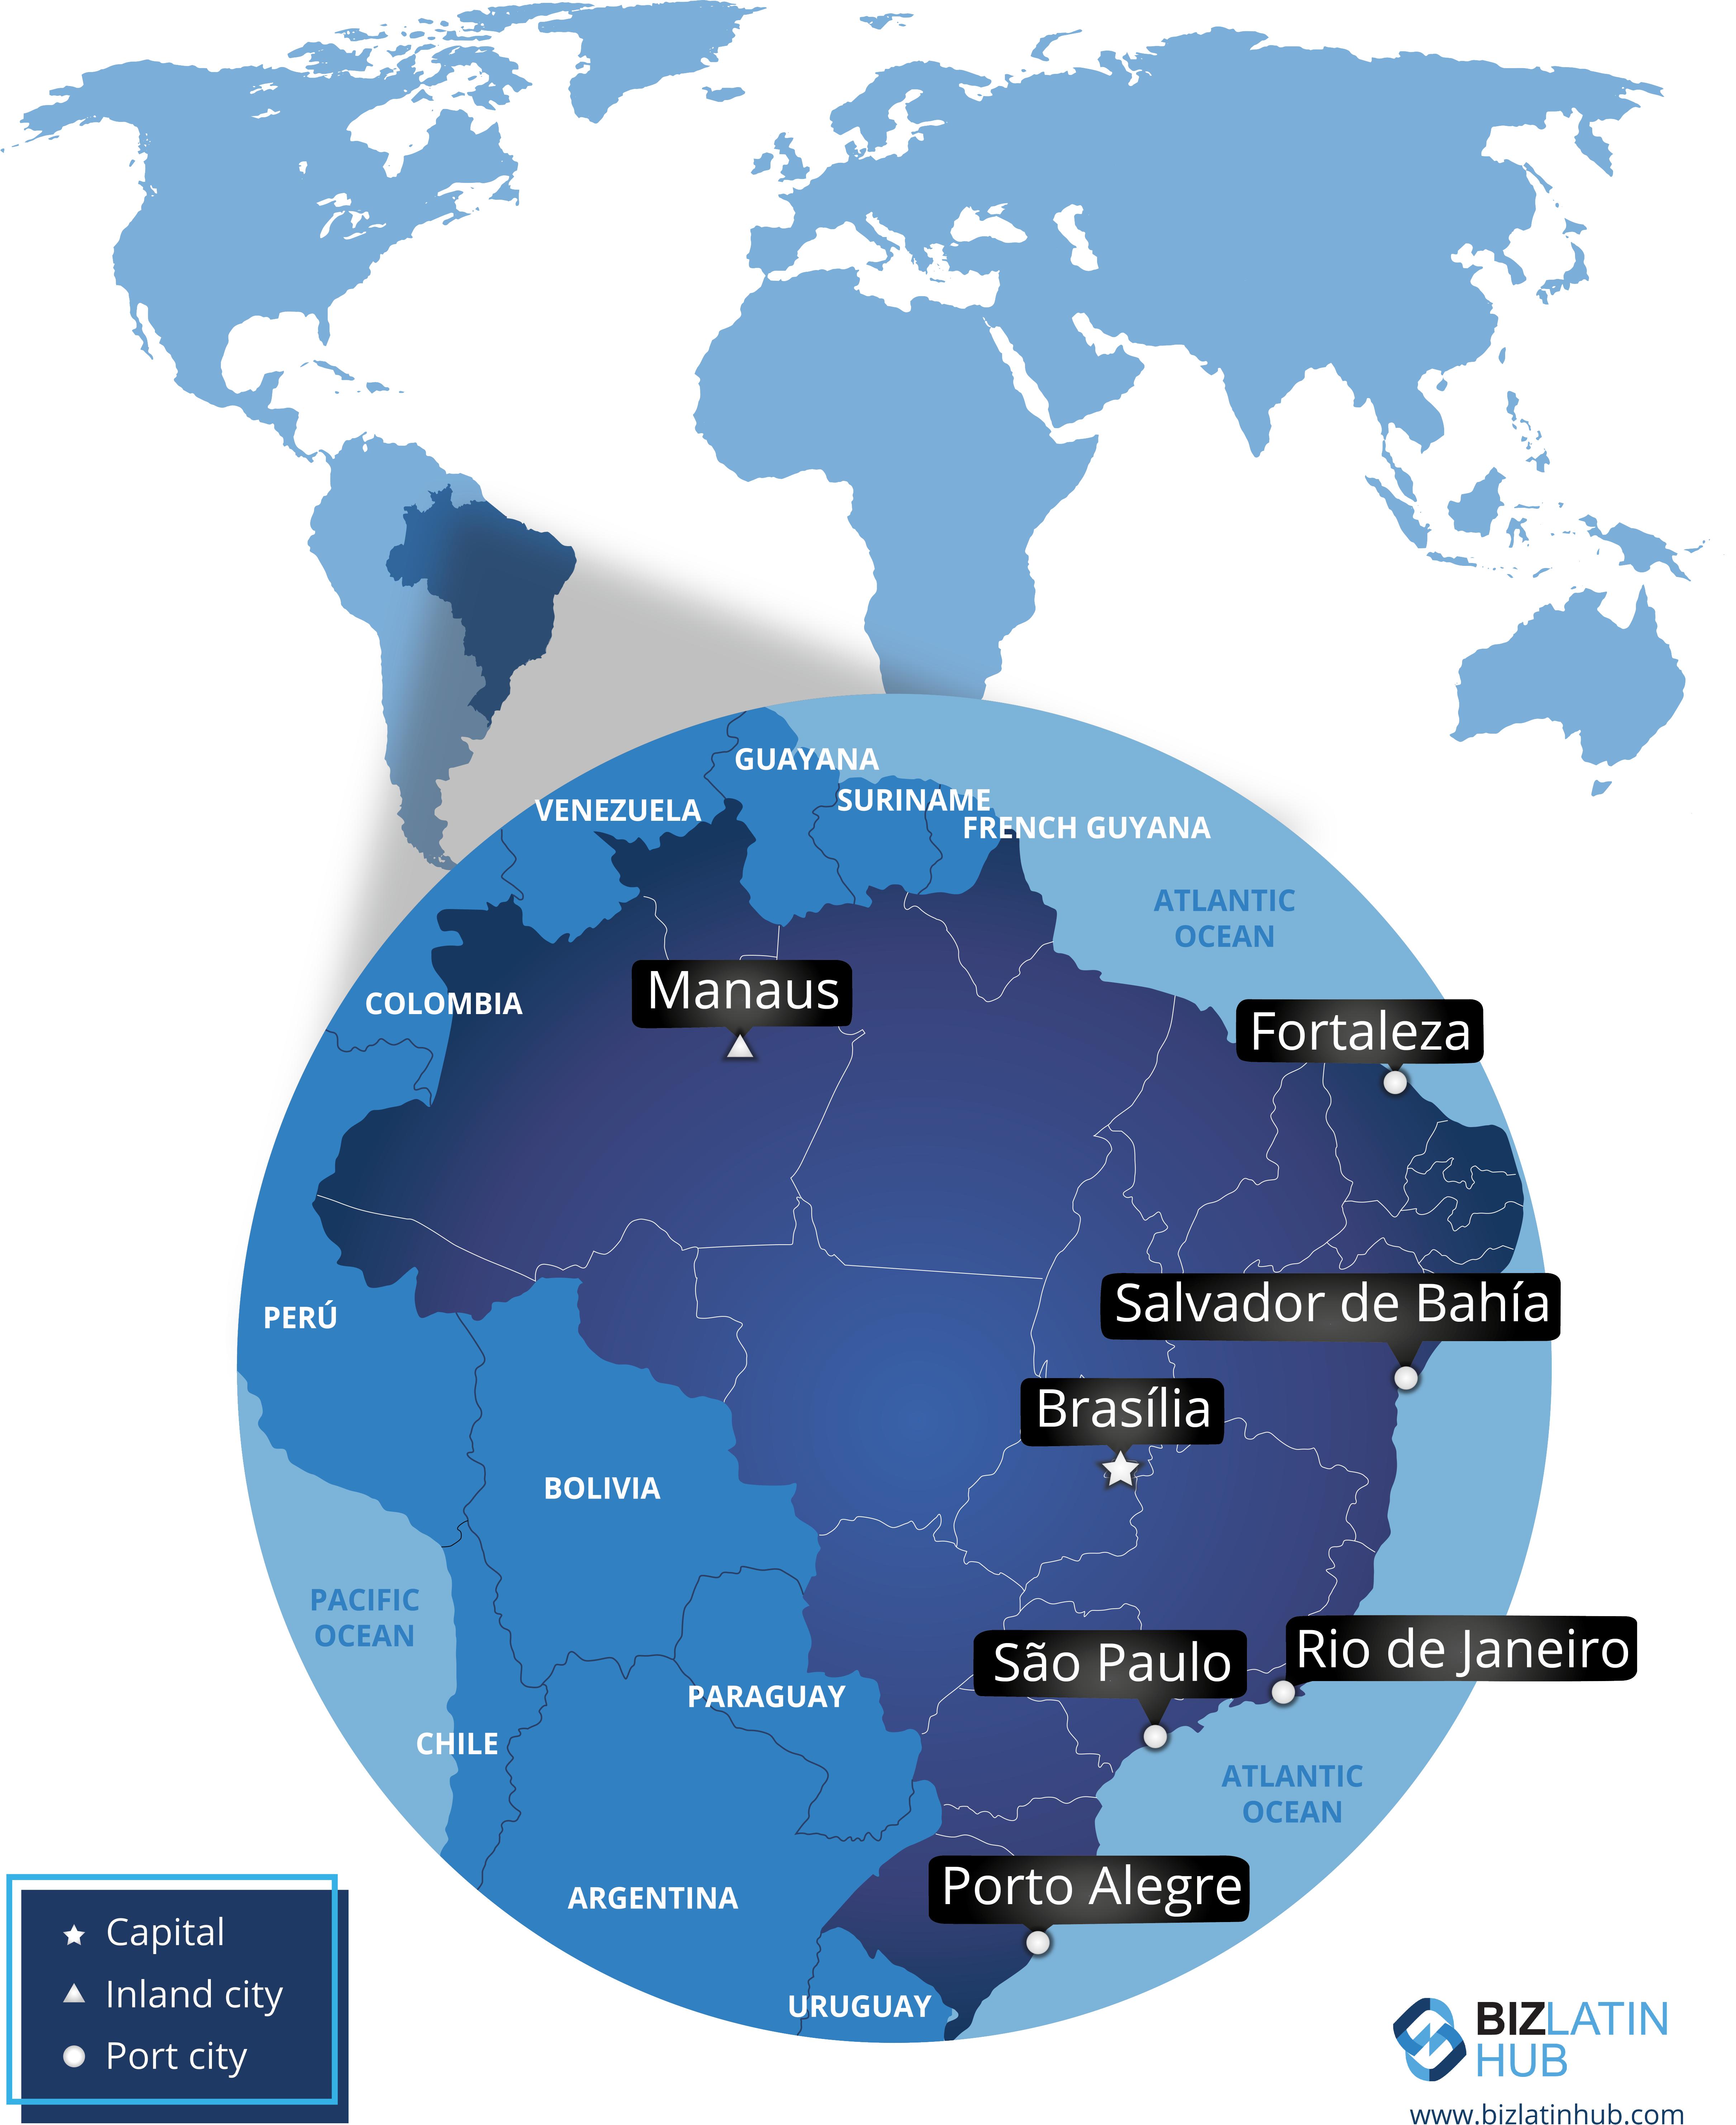 Mapa que ubica a Brasil en el mundo y que representa sus principales ciudades